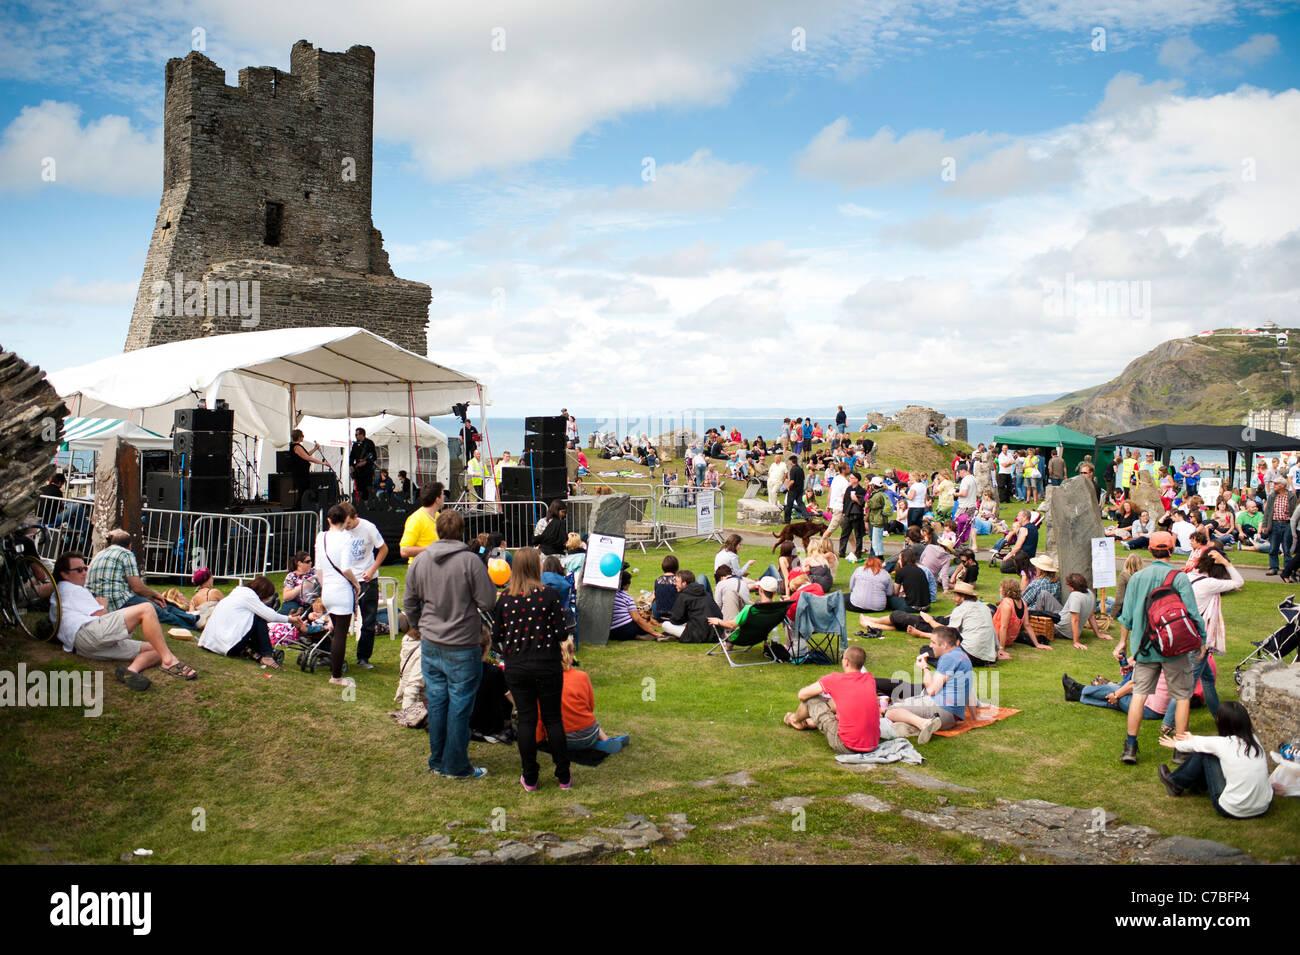 Una banda tocando en el escenario, Rocío y Castell / Castle Rock festival de música libre Gales Aberystwyth Imagen De Stock